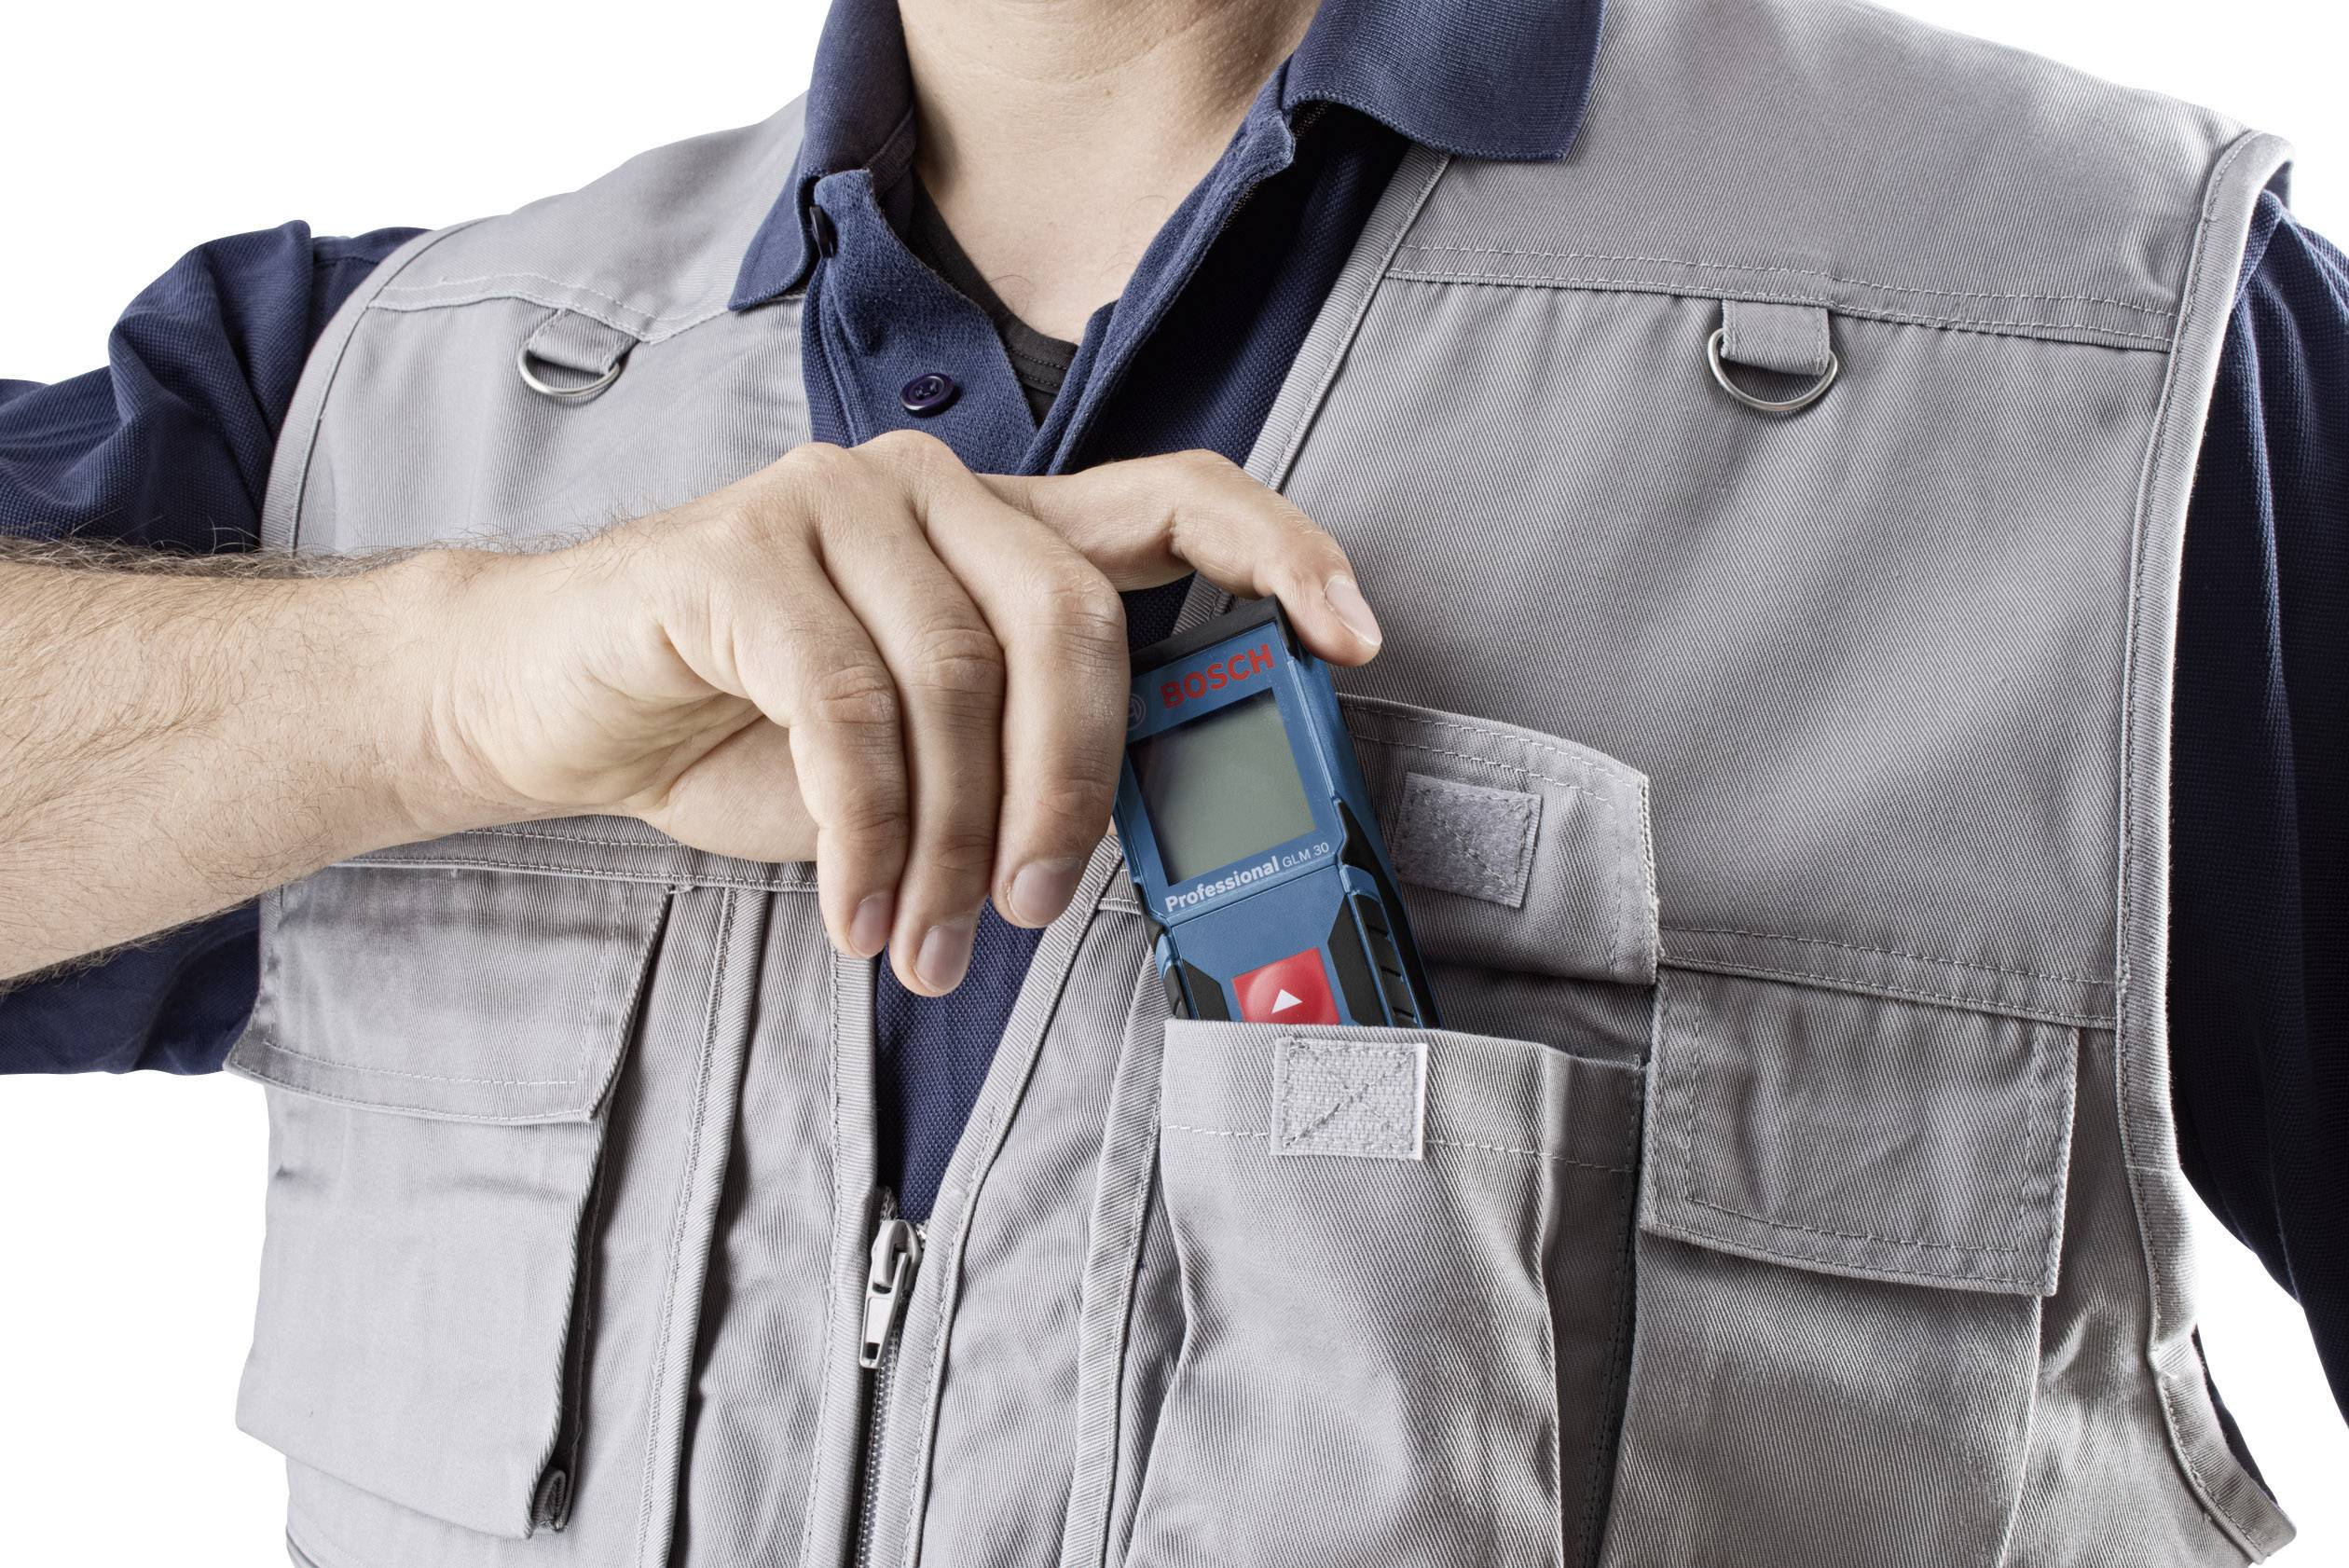 Bosch Ultraschall Entfernungsmesser : Bosch professional glm laser entfernungsmesser kalibriert nach